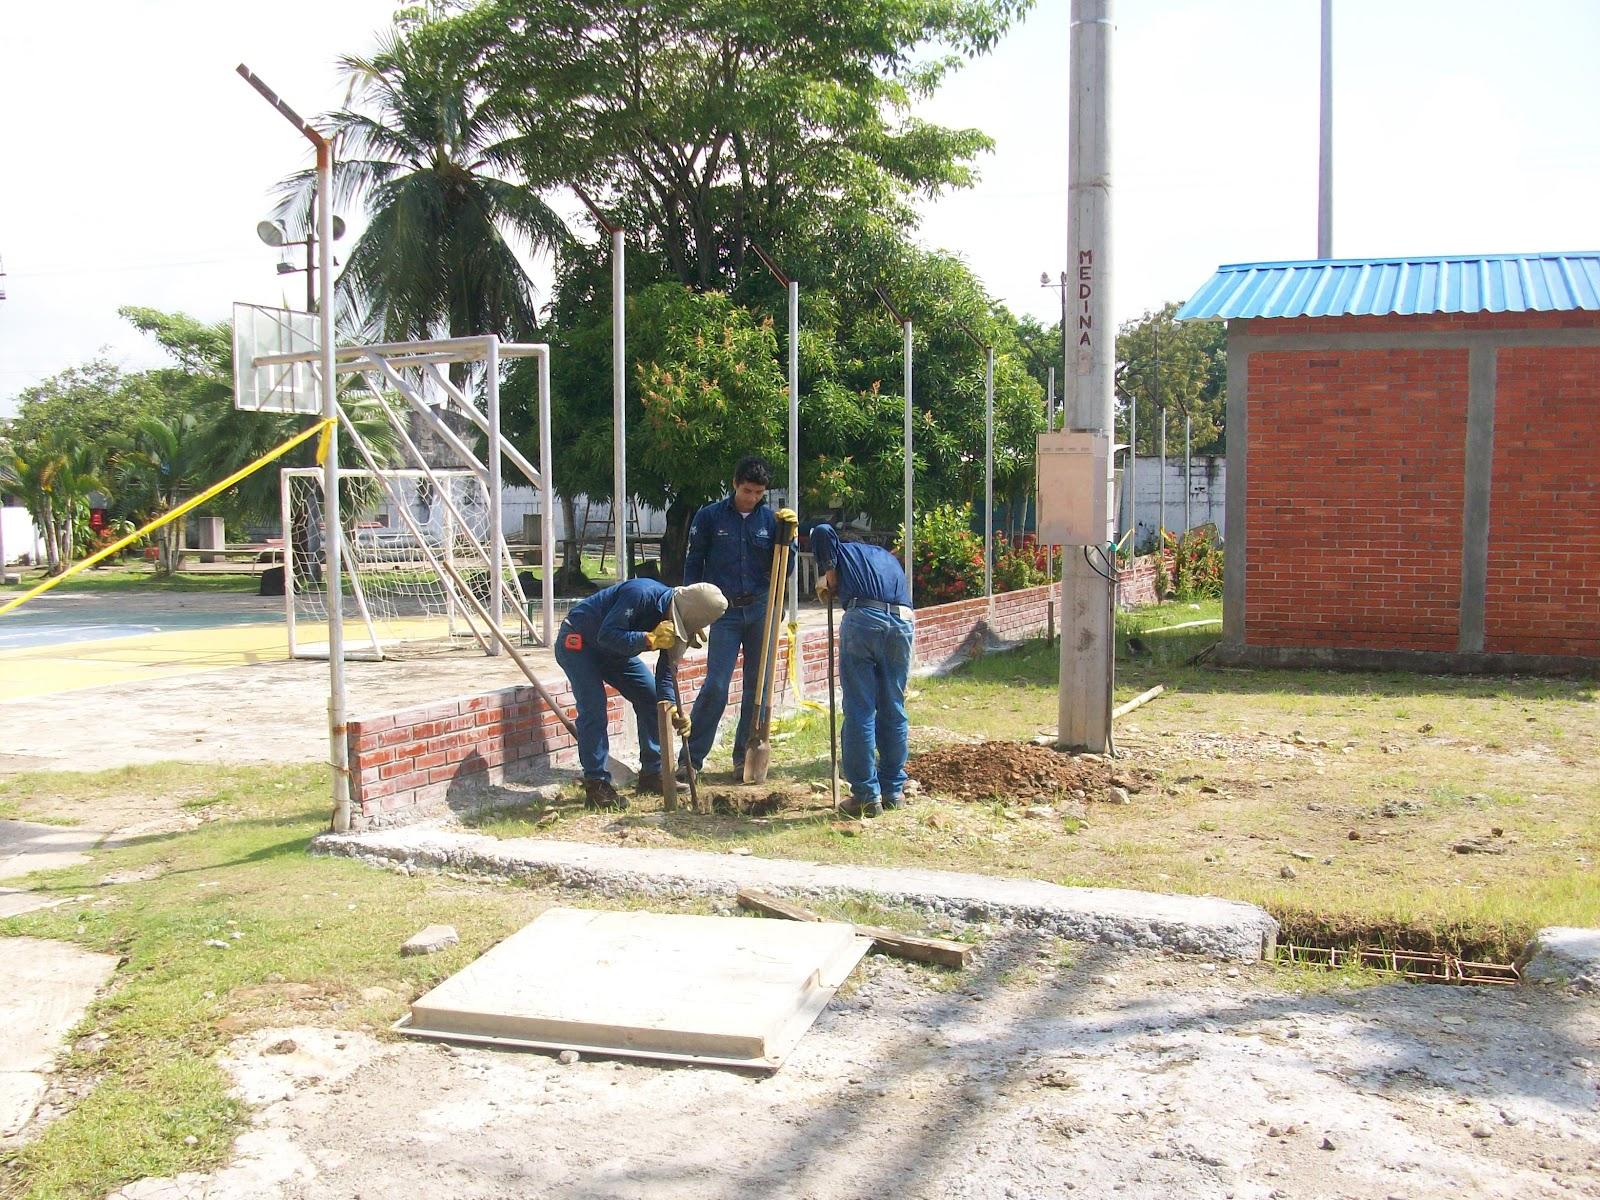 Mei construcci n malla de puesta a tierra for Malla de construccion